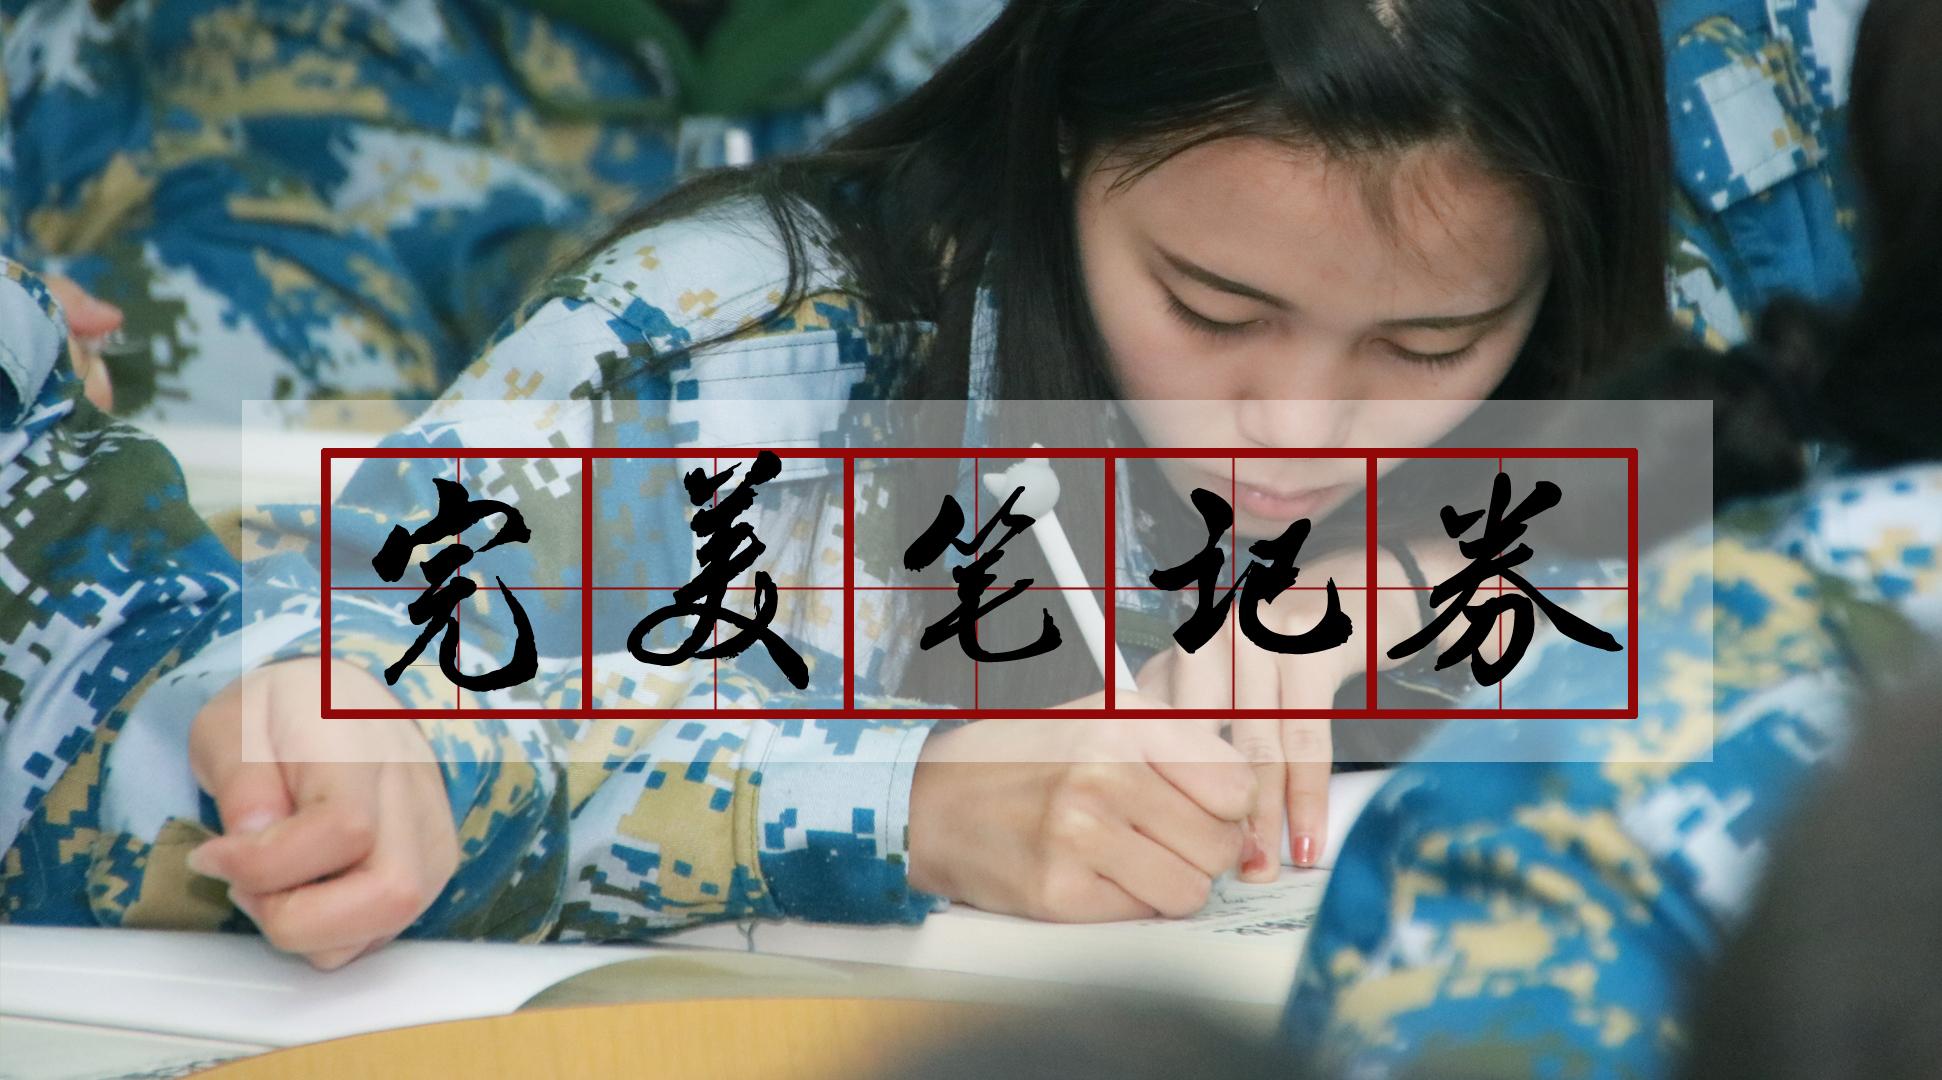 央视综艺《五一乐三天》节目组带你一起走进台儿庄